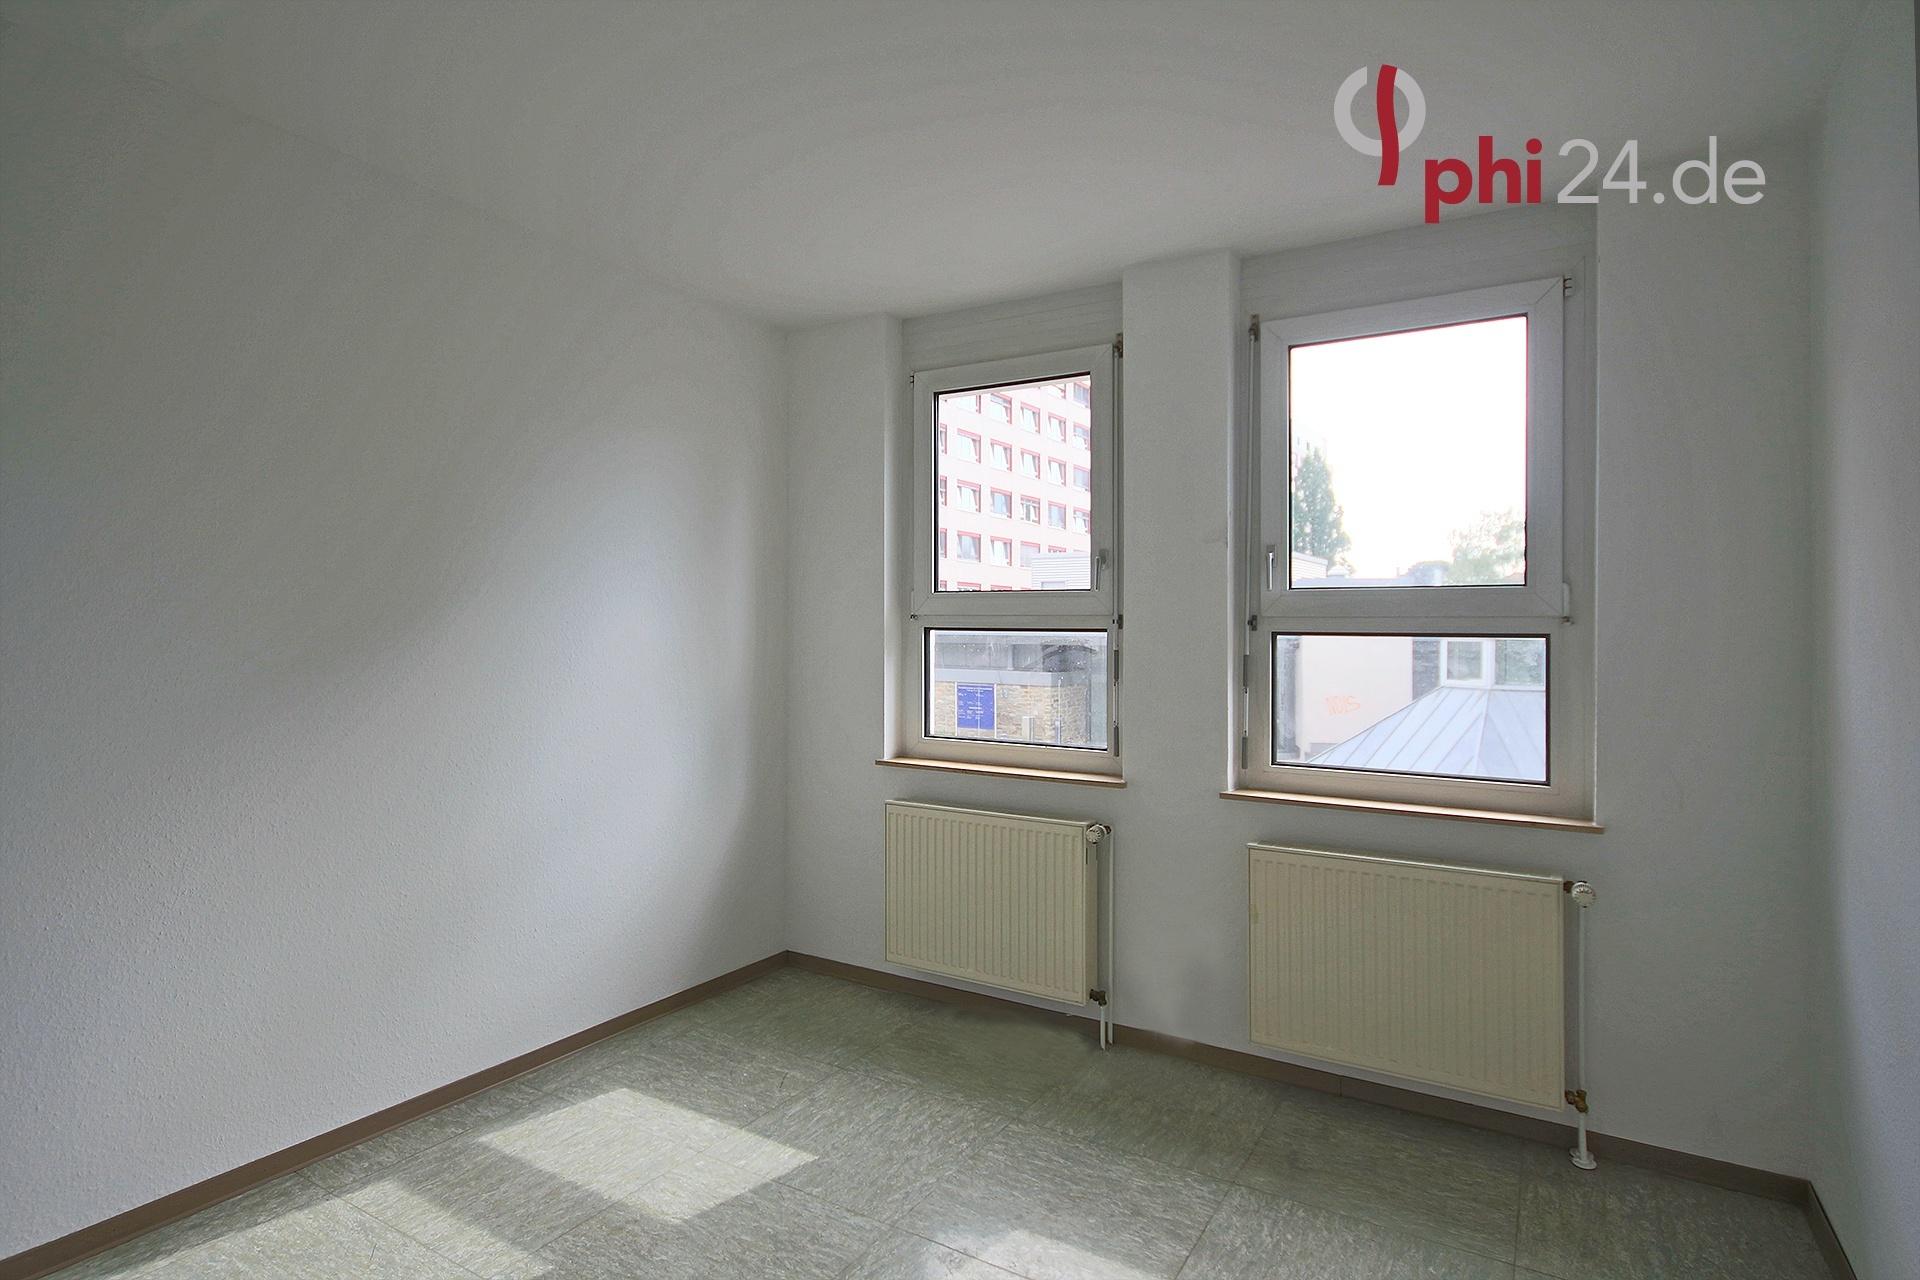 Immobilienmakler Eschweiler Bürogebäude referenzen mit Immobilienbewertung